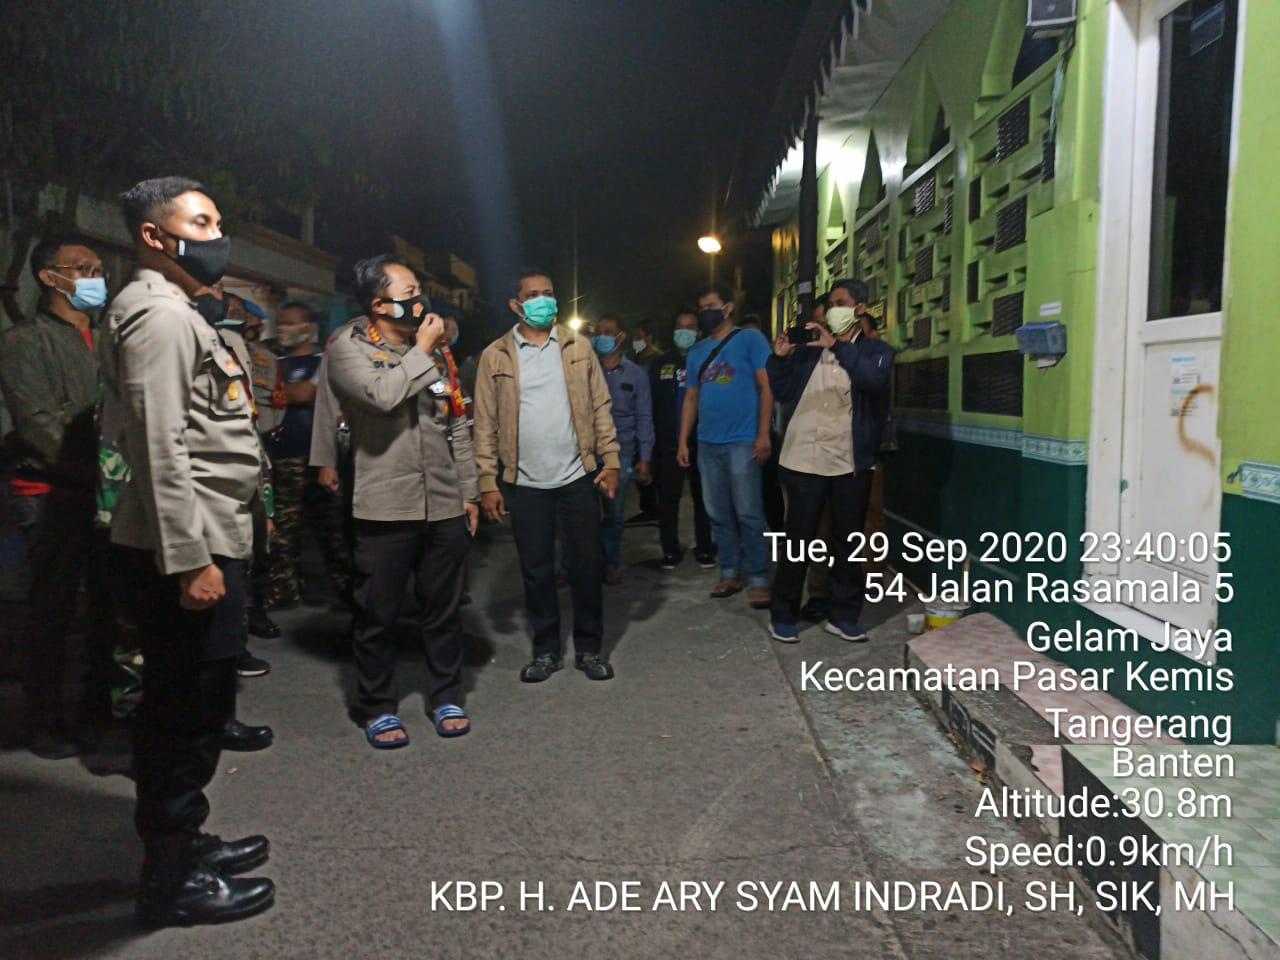 Dalam Waktu Singkat, Polresta Tangerang Berhasil Ringkus Pelaku corat coret ditempat ibadah